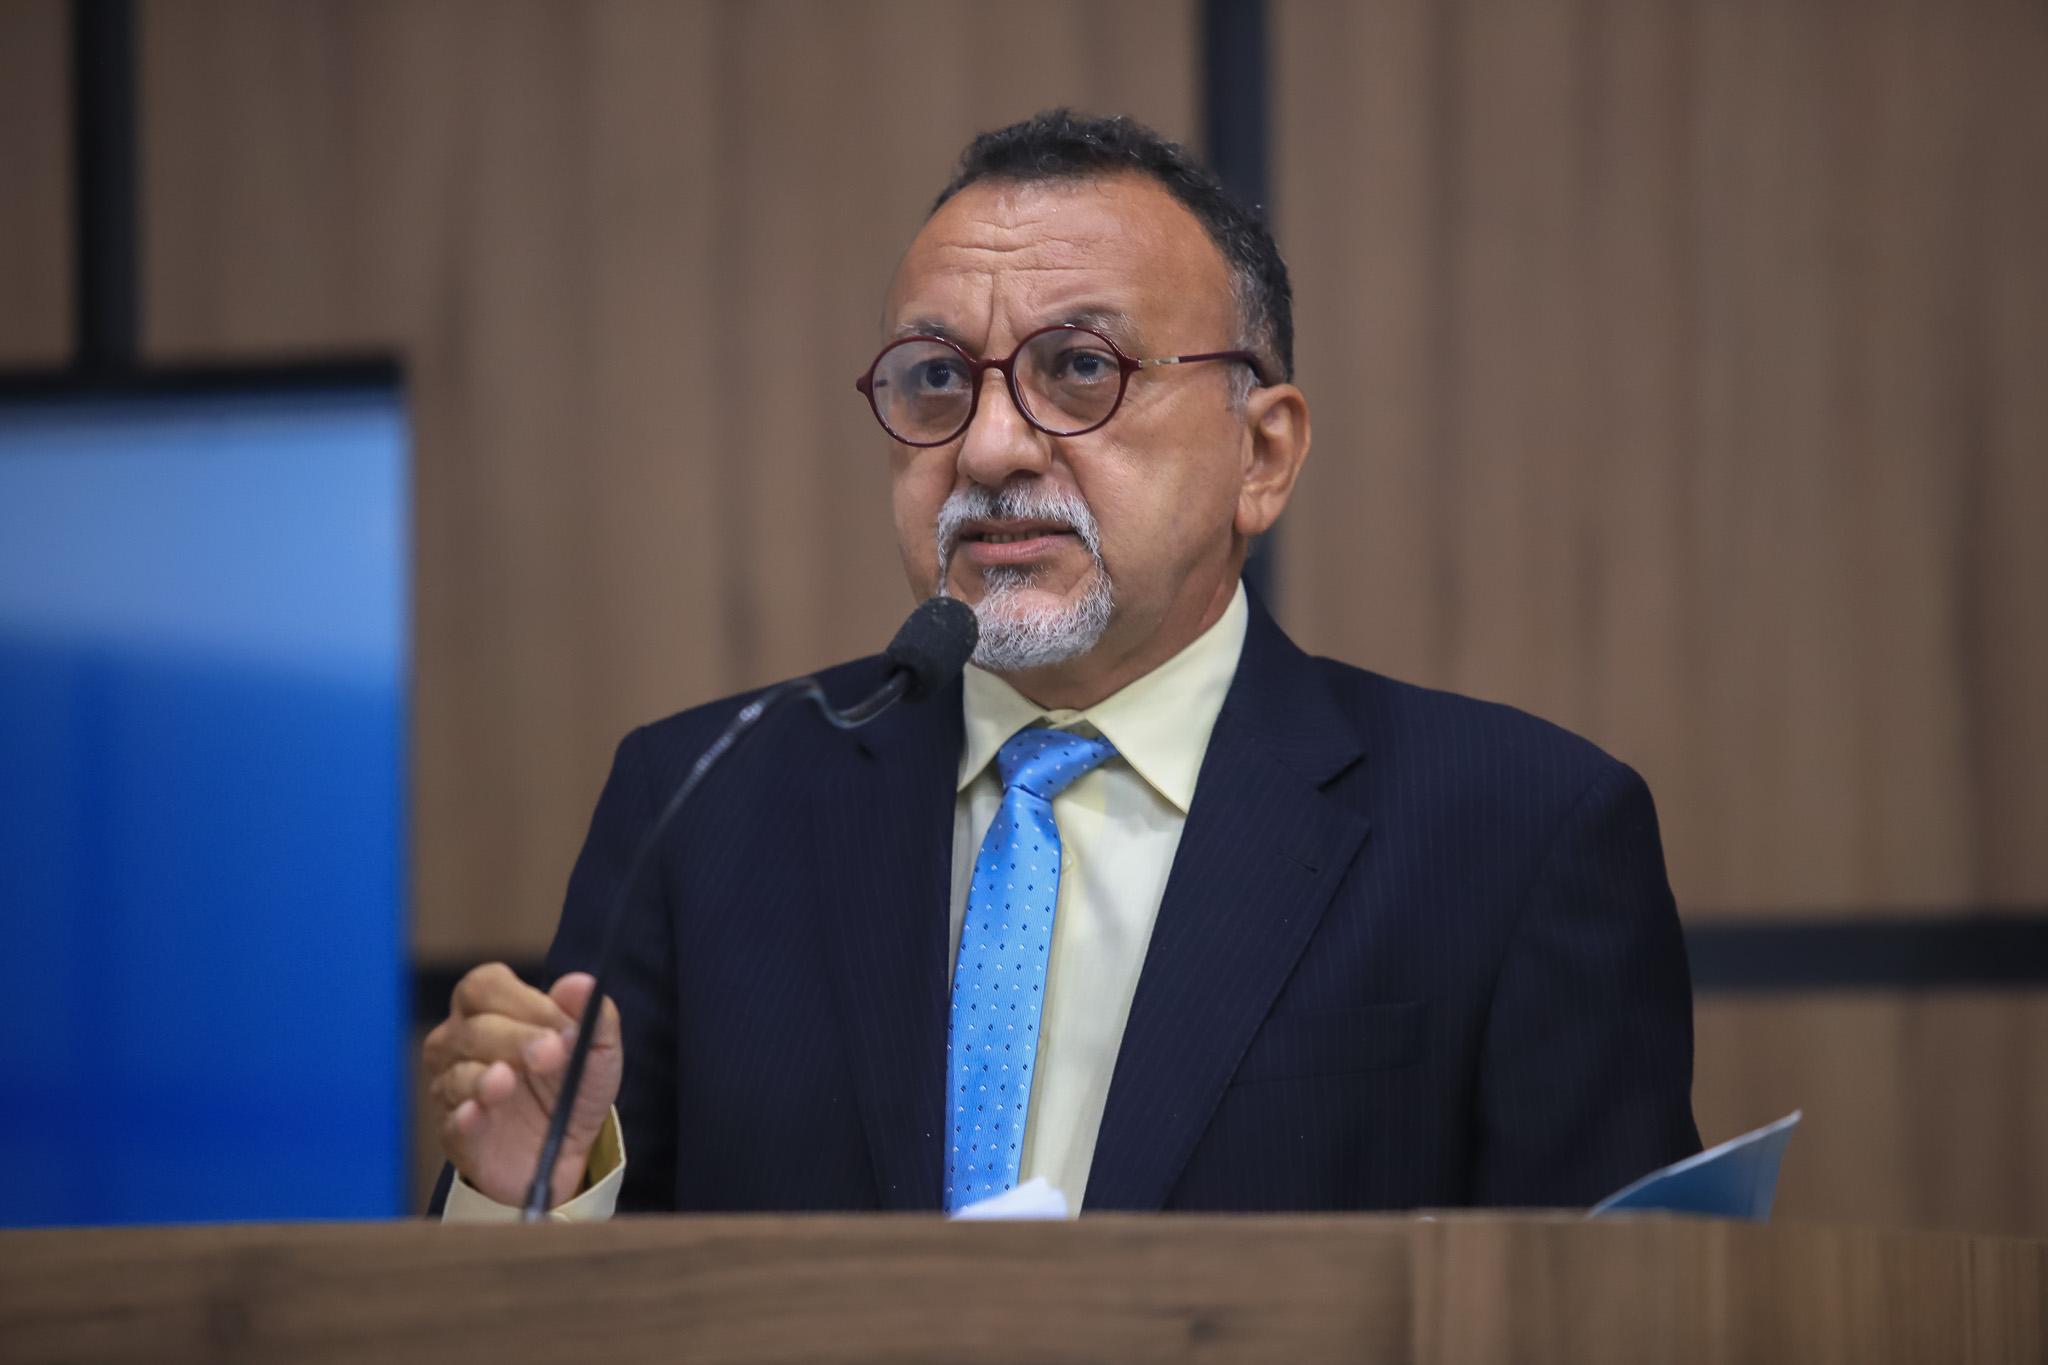 Zé Gonçalves estranha que informações do Município divulgadas pela imprensa sejam diferentes do que diz a família ameaçada de despejo